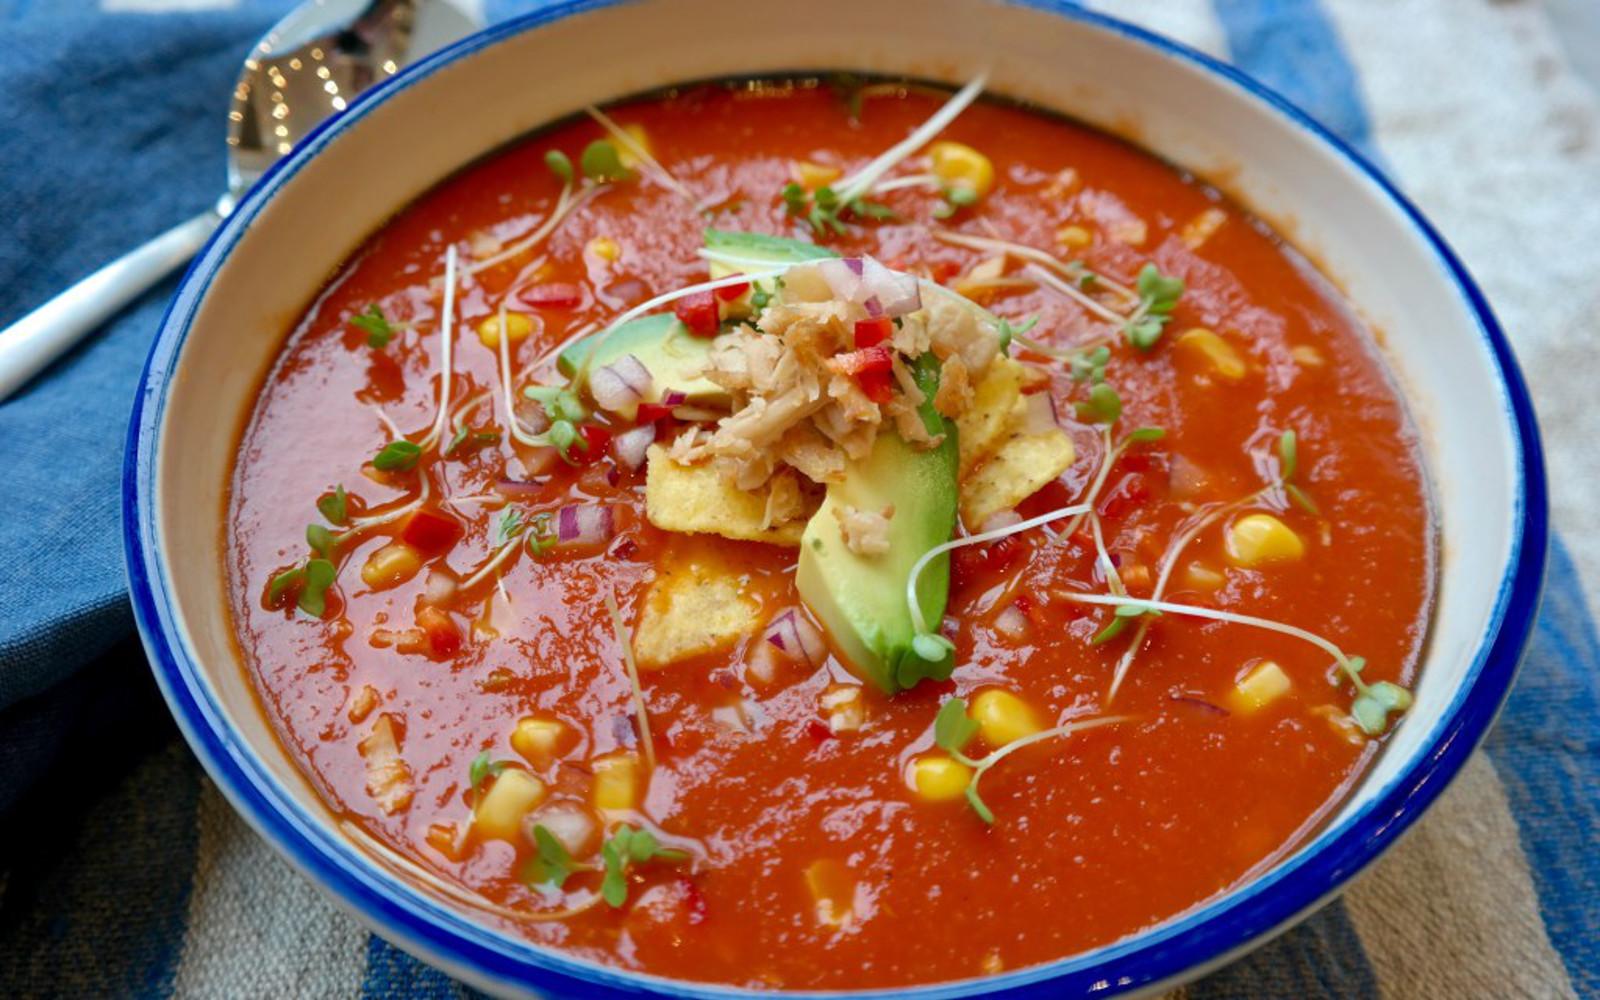 Vegan Tortilla Soup Topped with Avocado